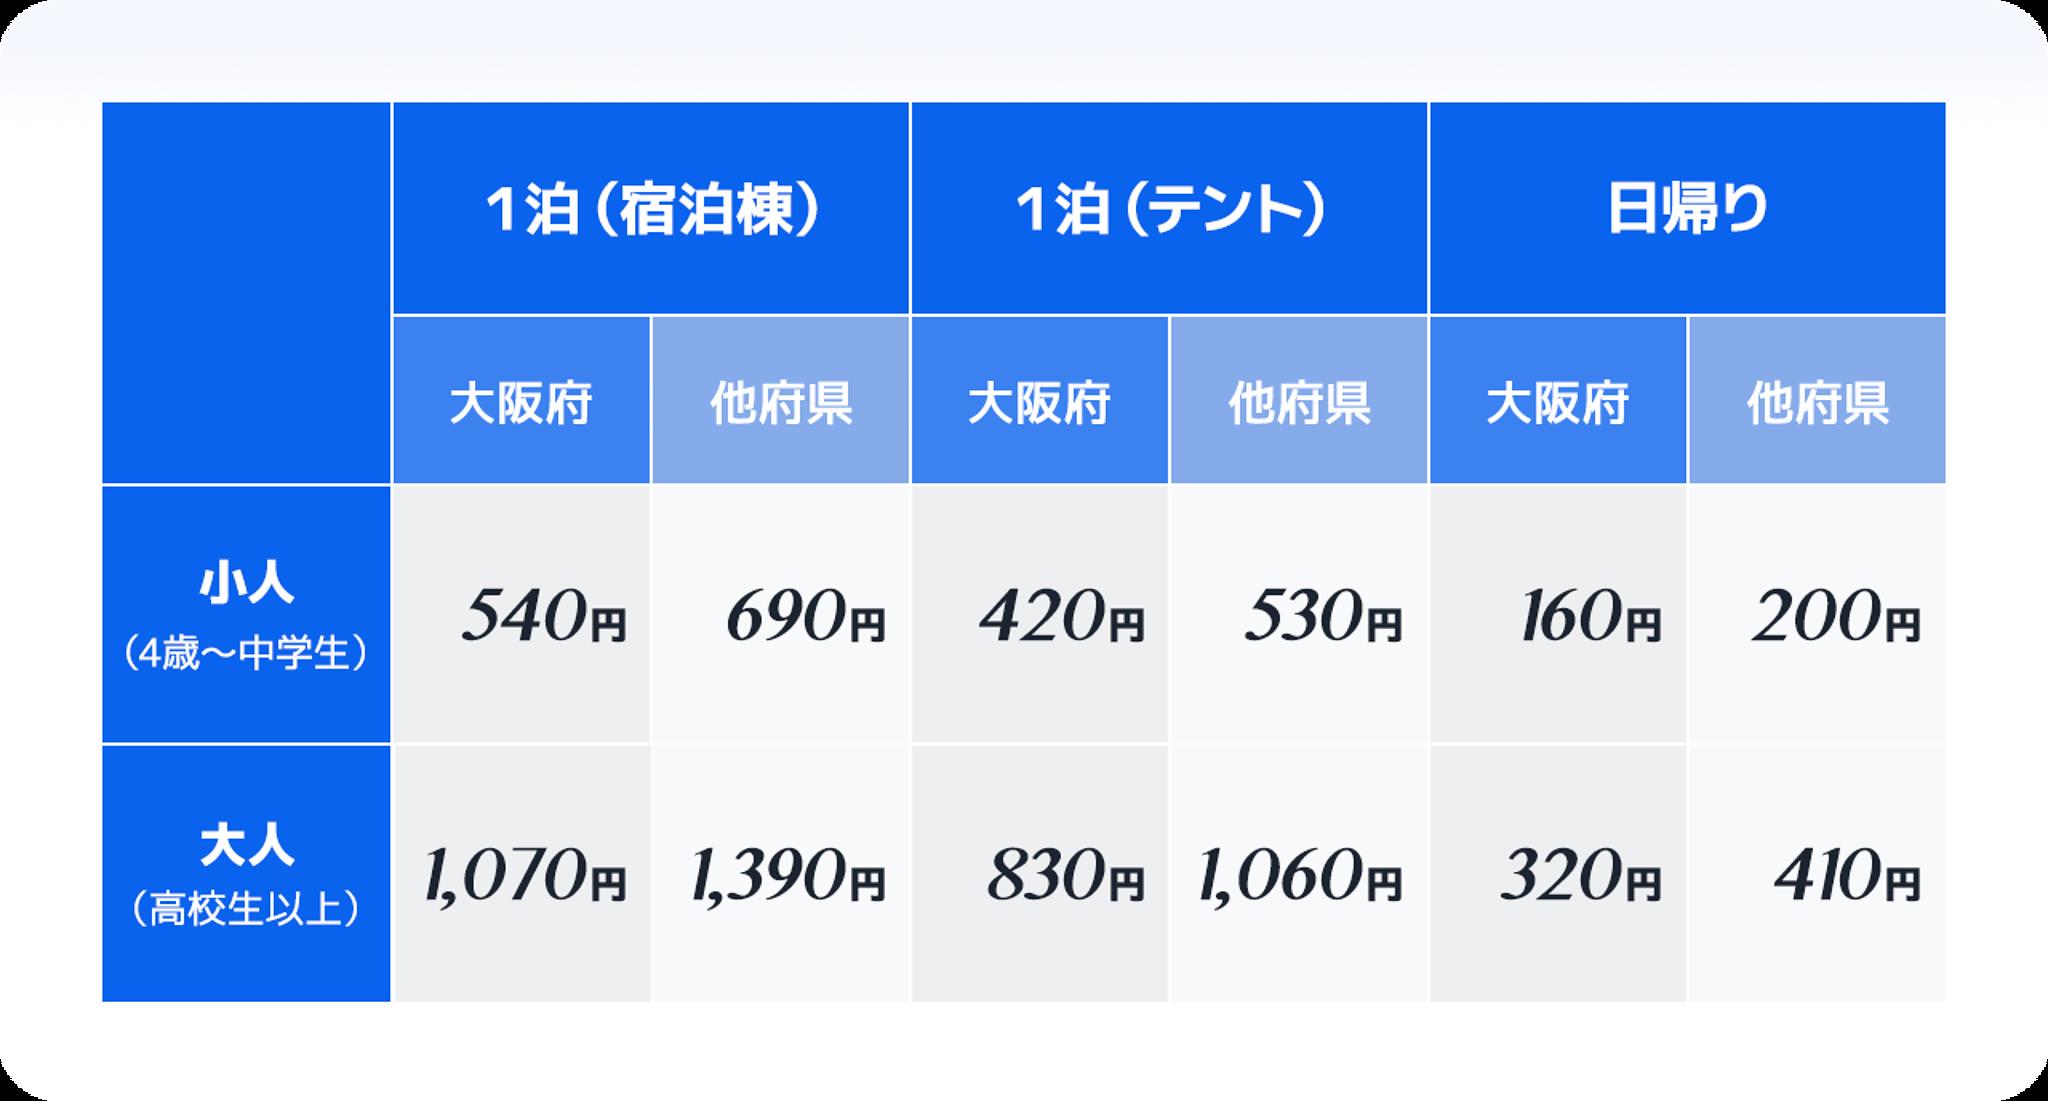 大阪府立少年自然の家_料金表のイラスト画像